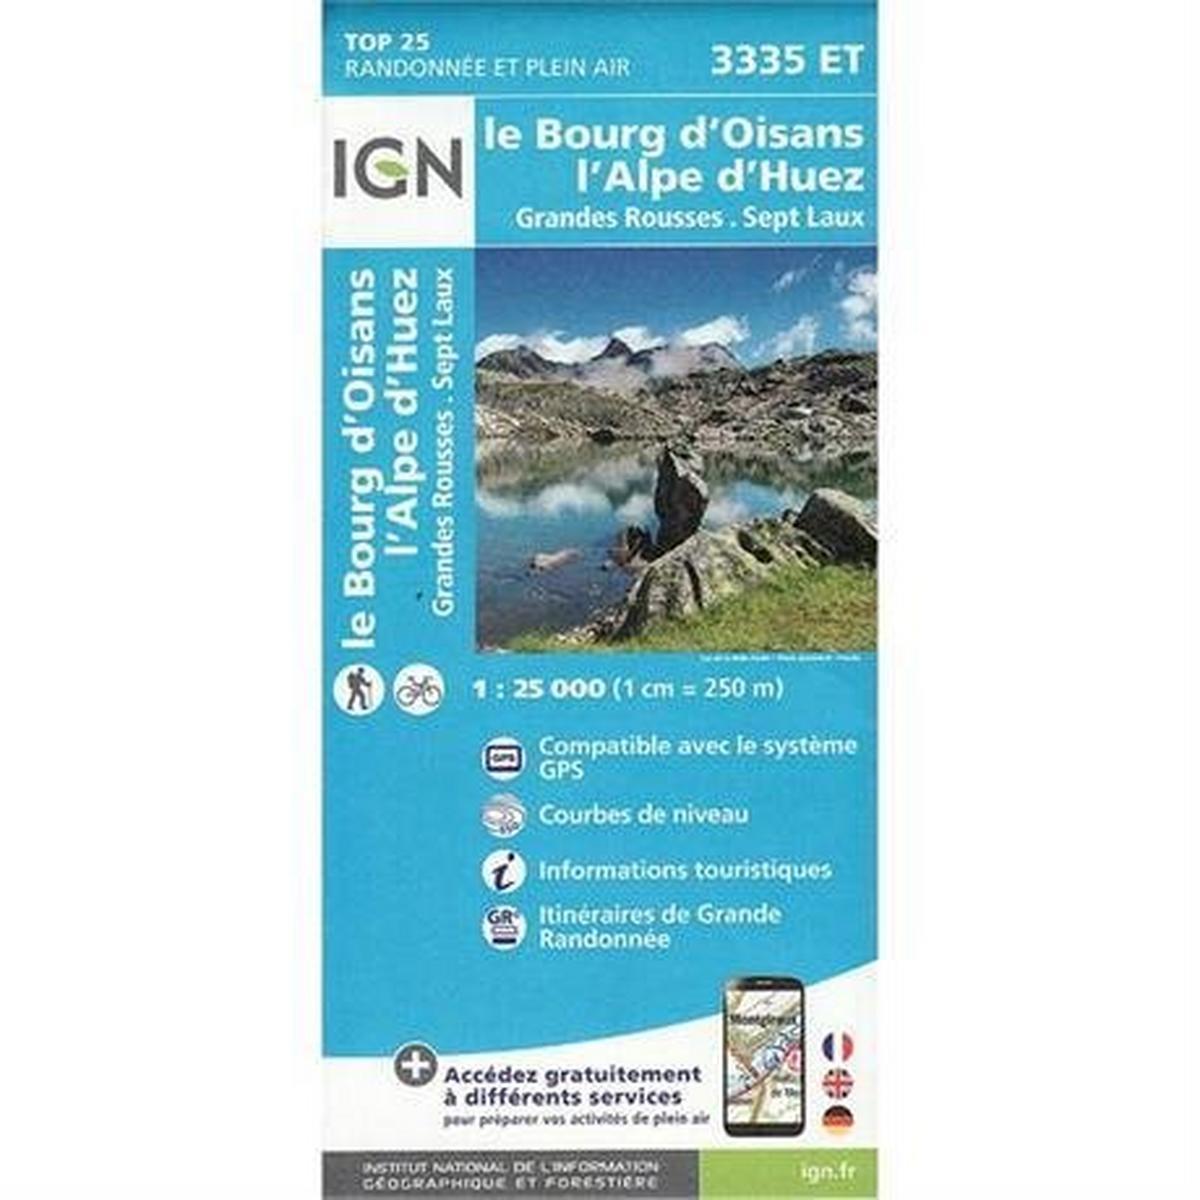 Ign Maps France IGN Map: le Bourg d'Oisans / l'Alpe d'Huez 3335 ET